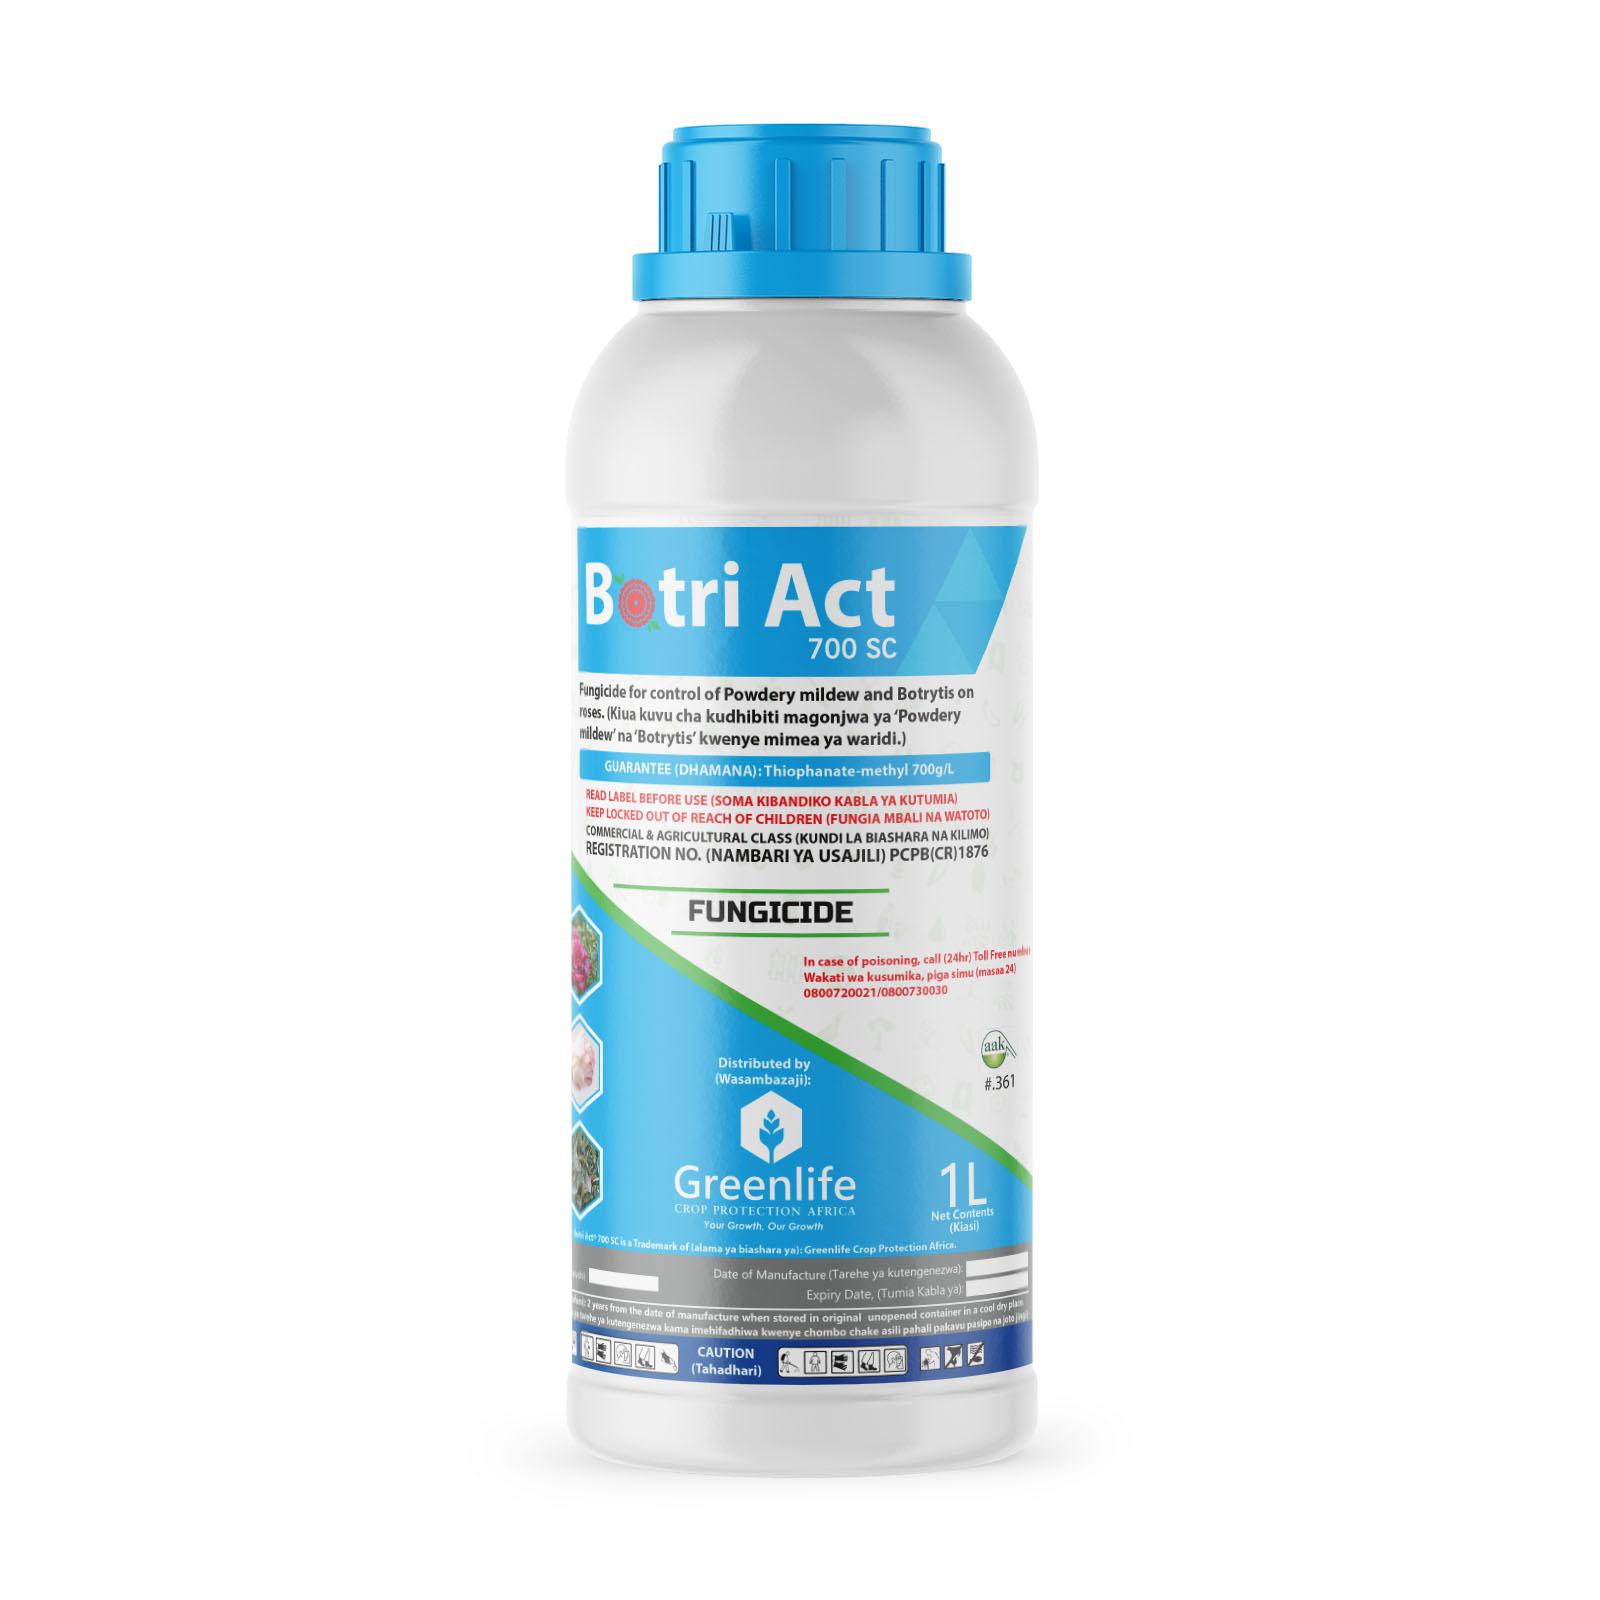 Botri Act 700 SC